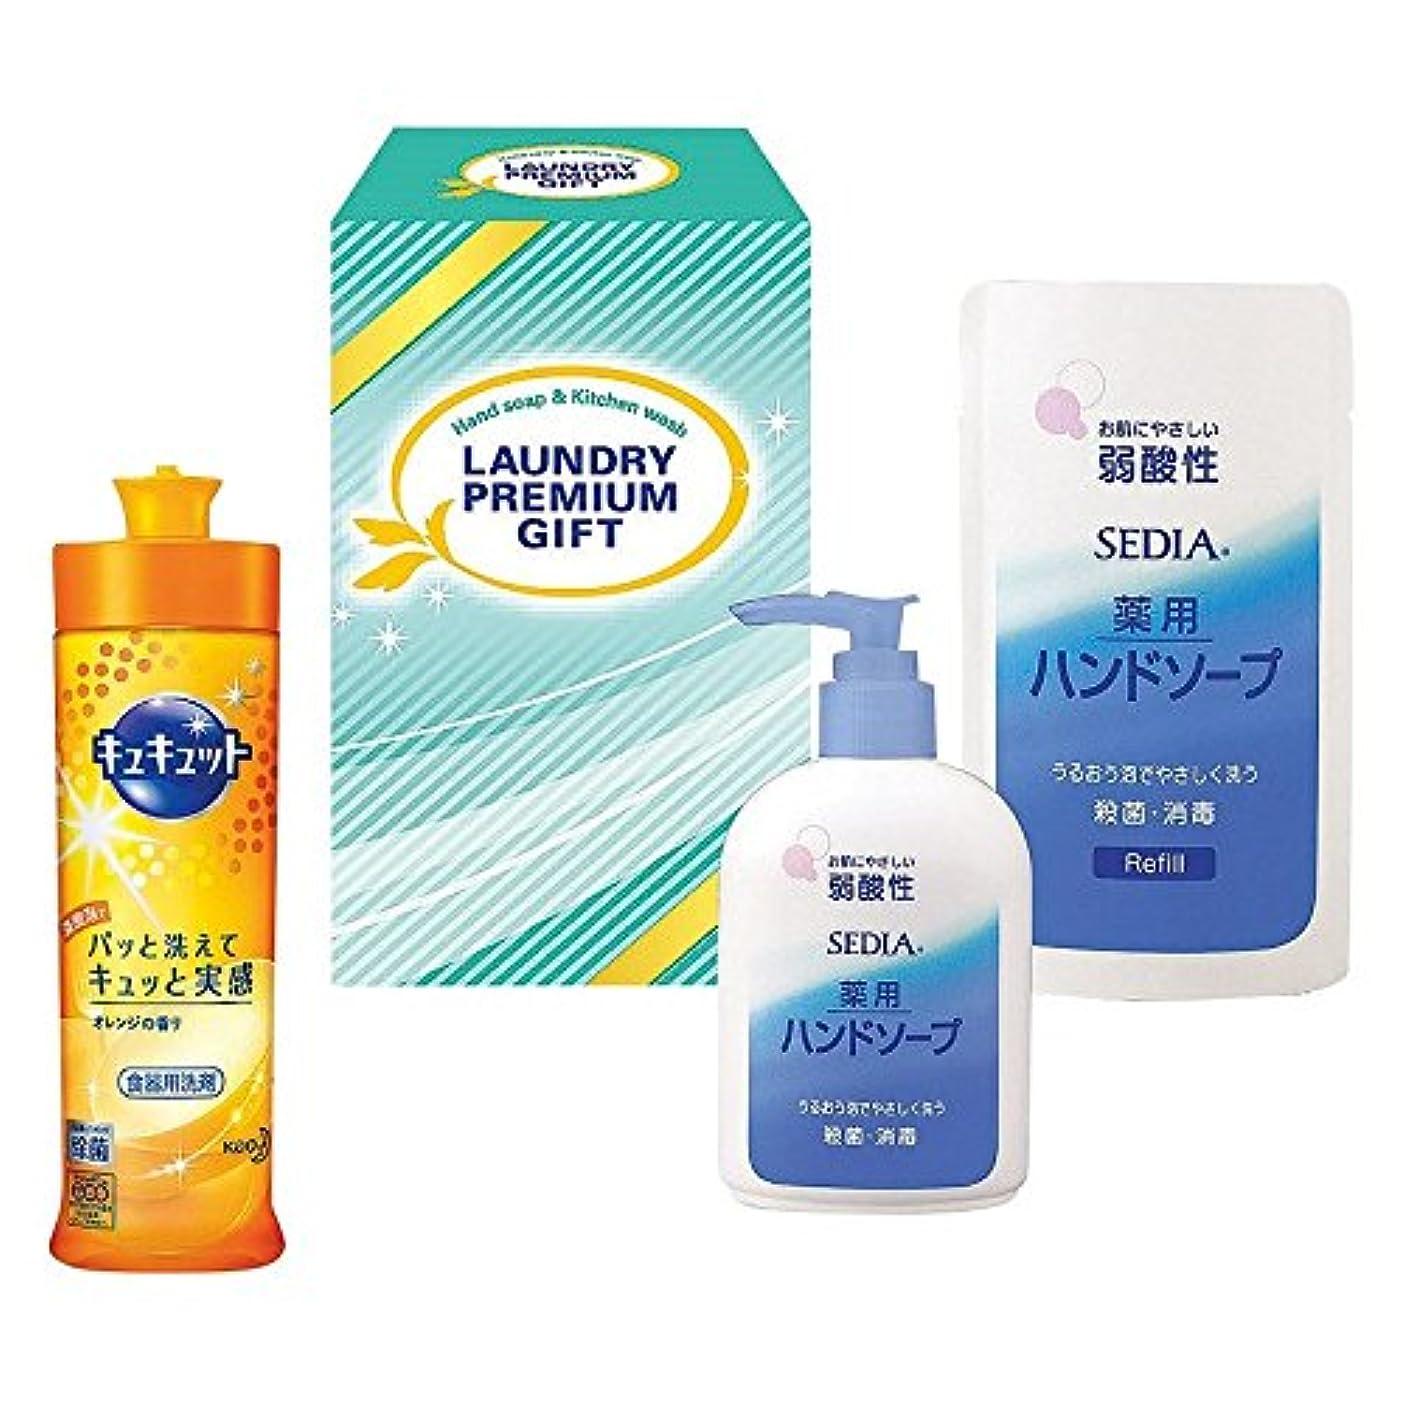 る関連するセグメント花王 洗剤プレミアムギフト NO.184 (B605-10)